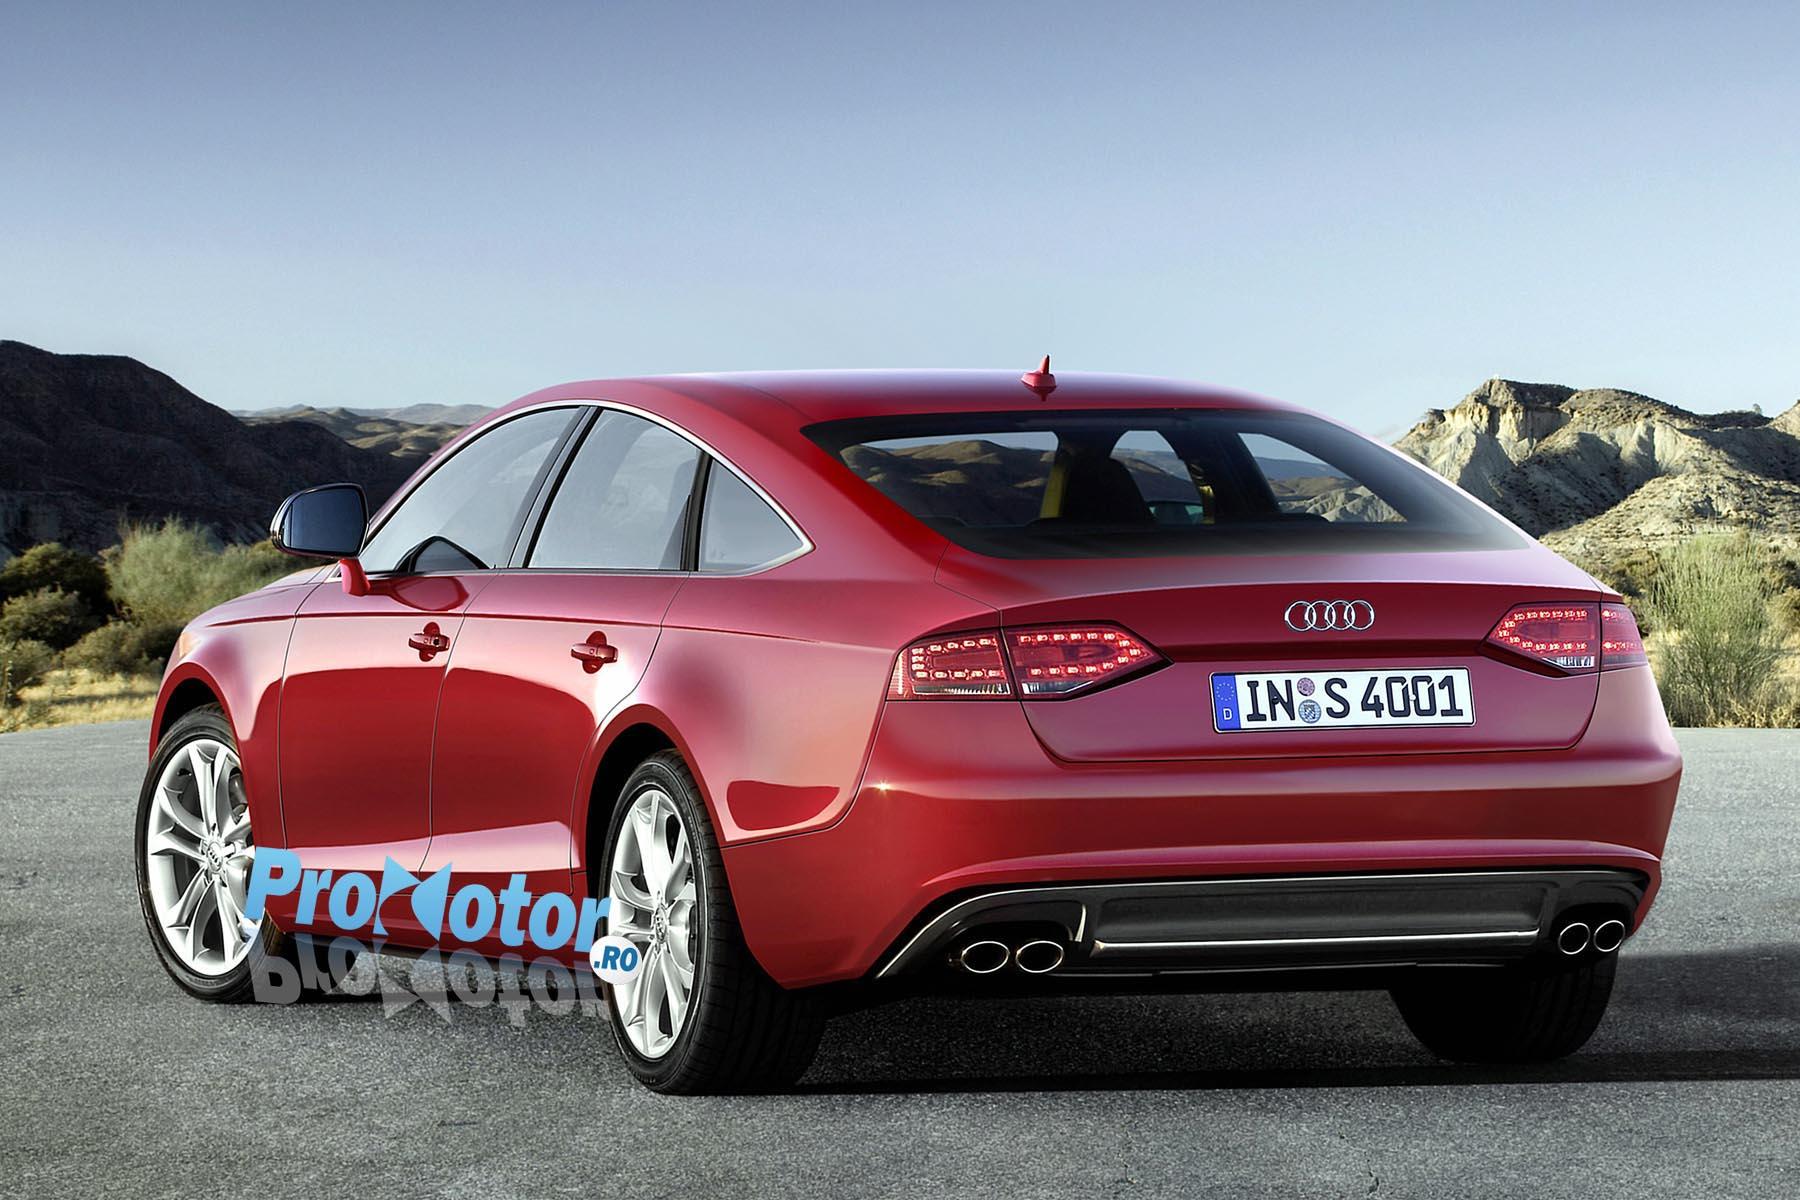 Imagini Audi A7 Speculaţii